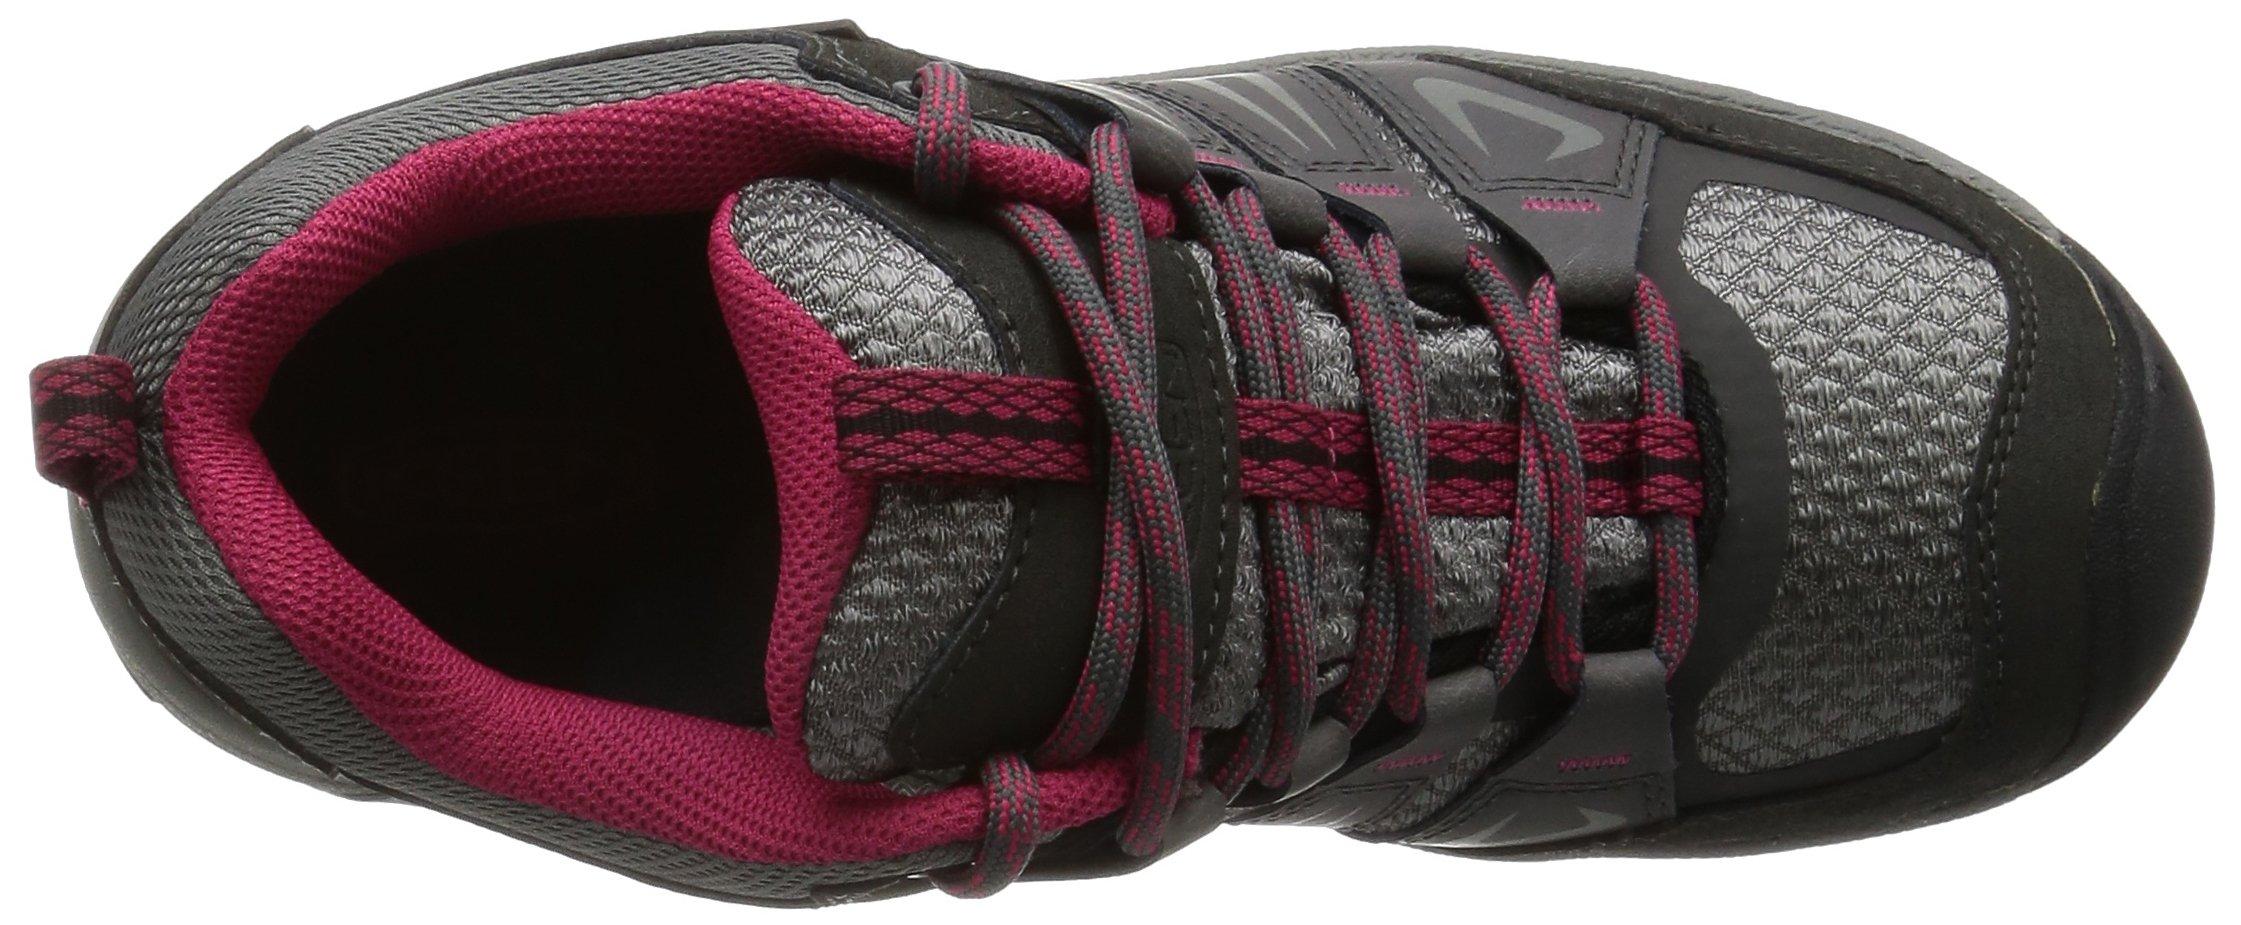 KEEN Women's Oakridge Wp Low Rise Hiking Shoes 8